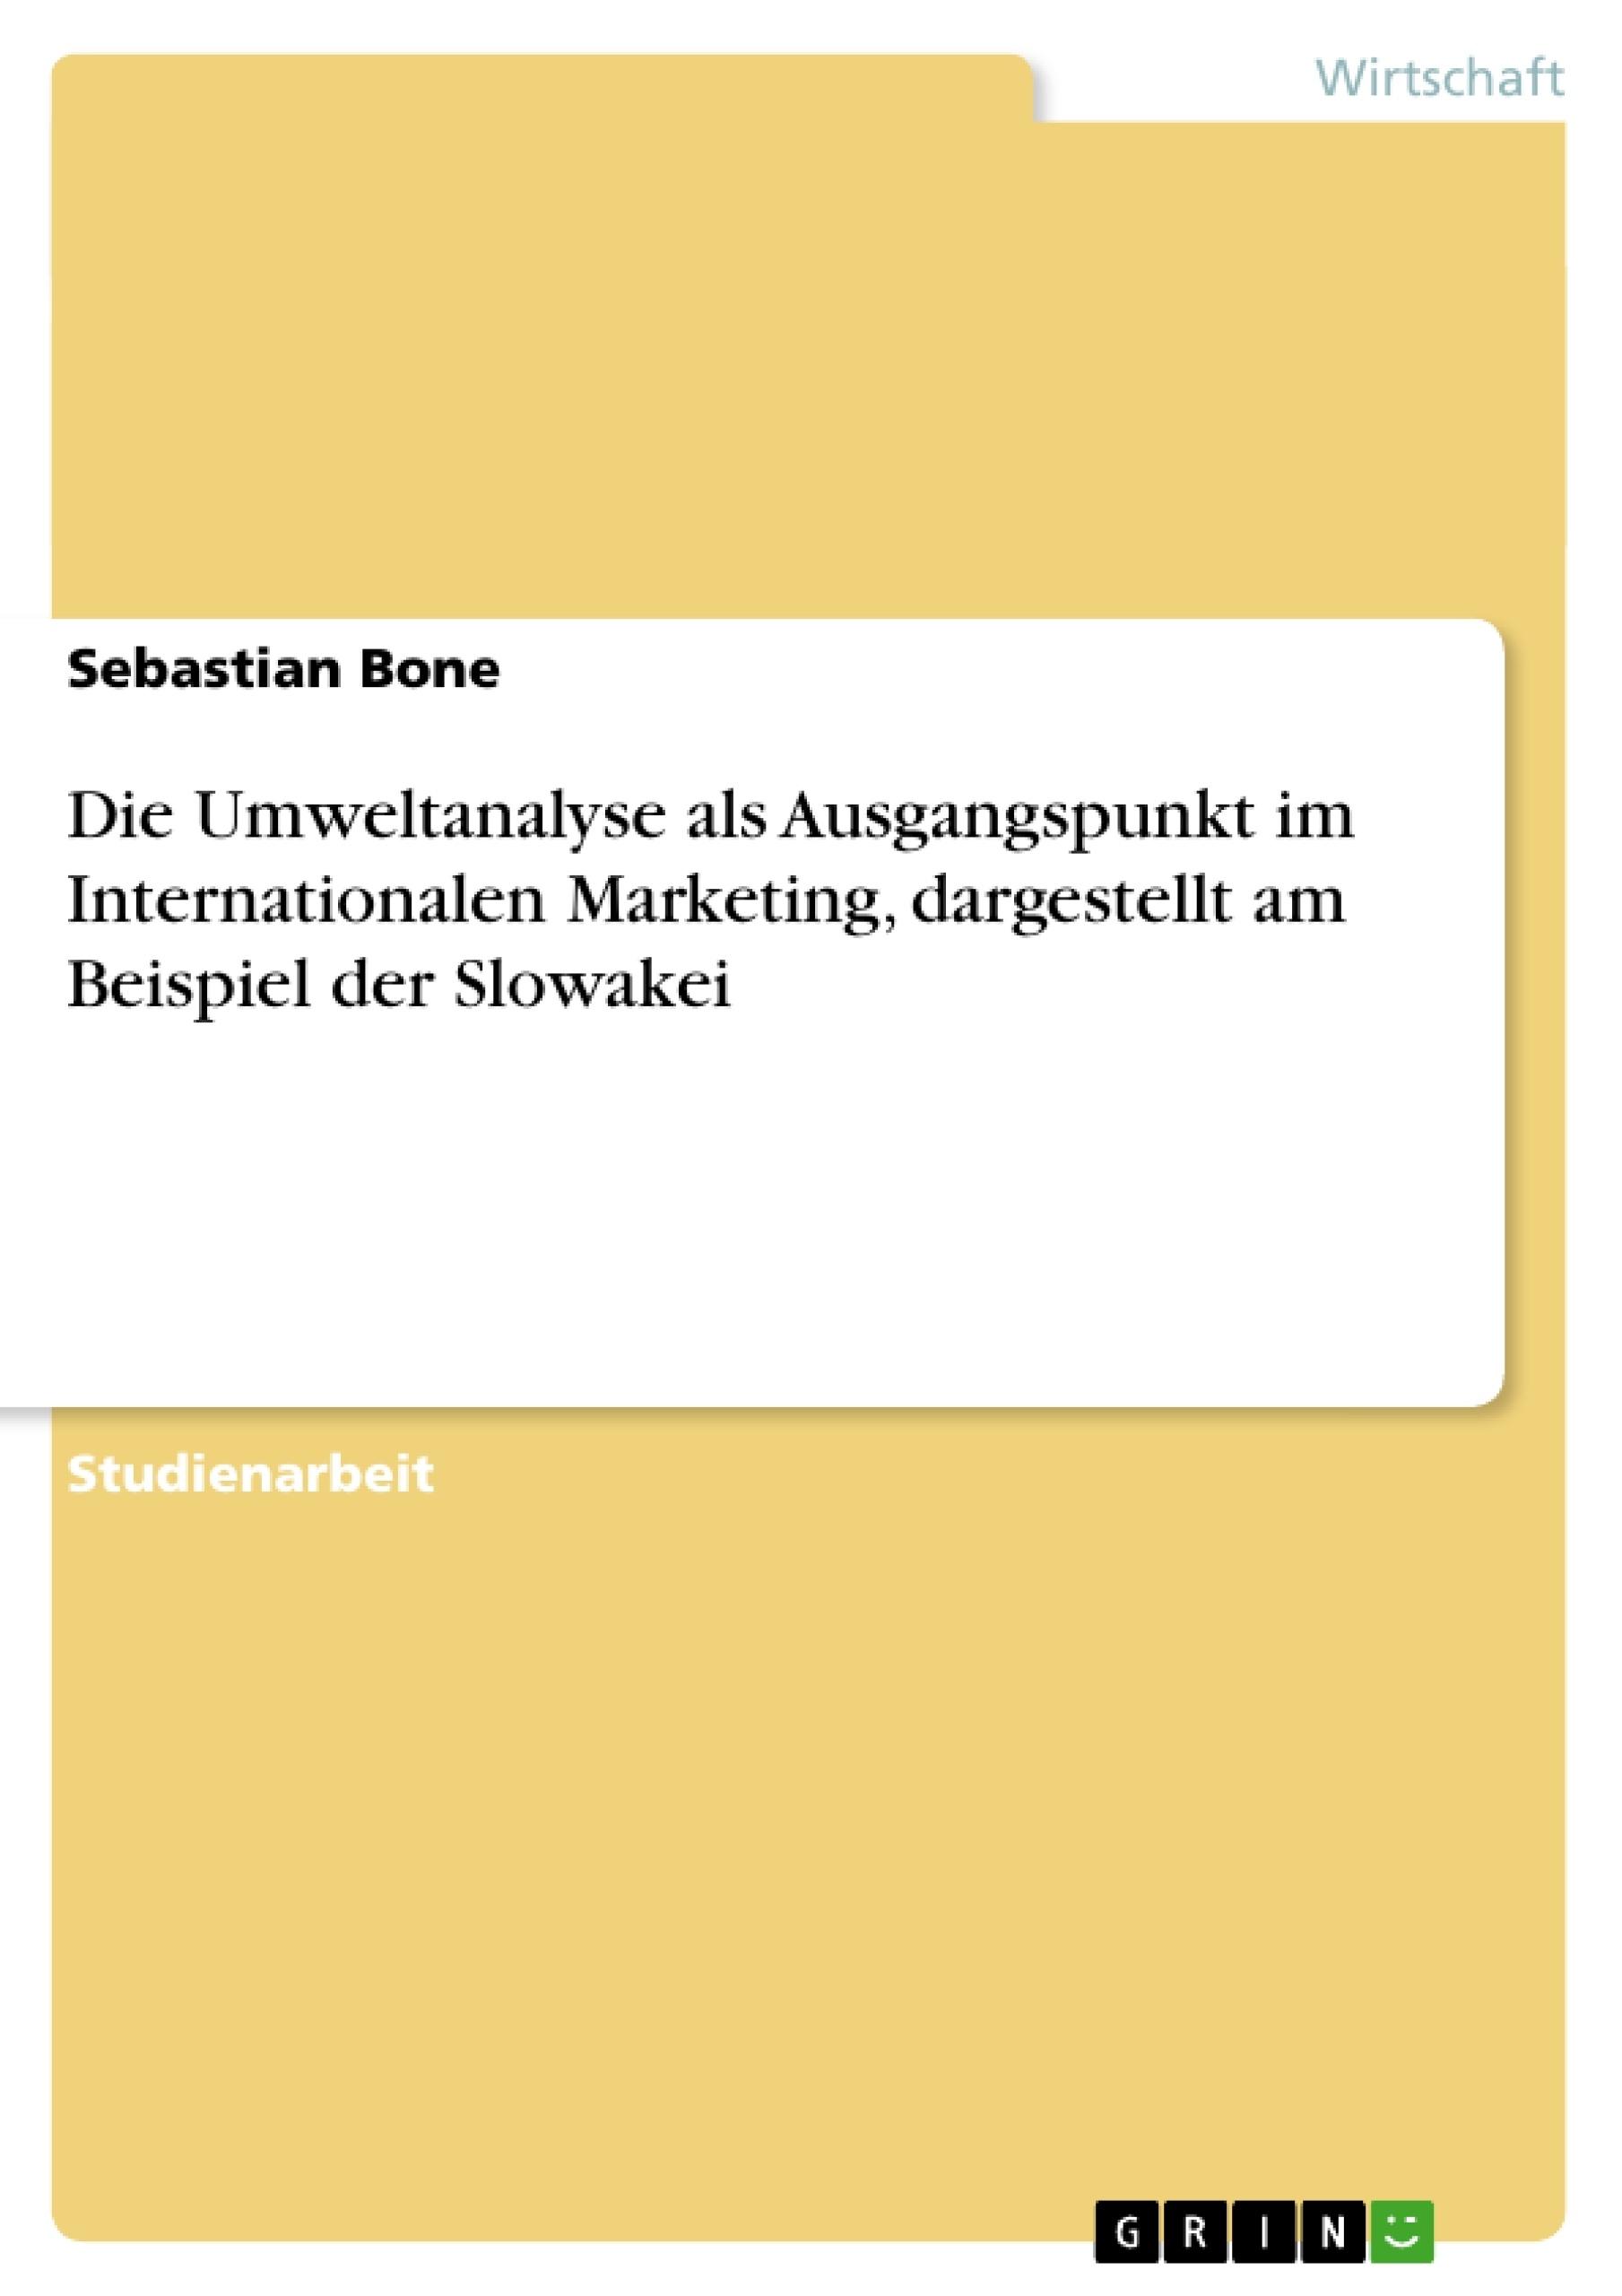 Titel: Die Umweltanalyse als Ausgangspunkt im Internationalen Marketing, dargestellt am Beispiel der Slowakei